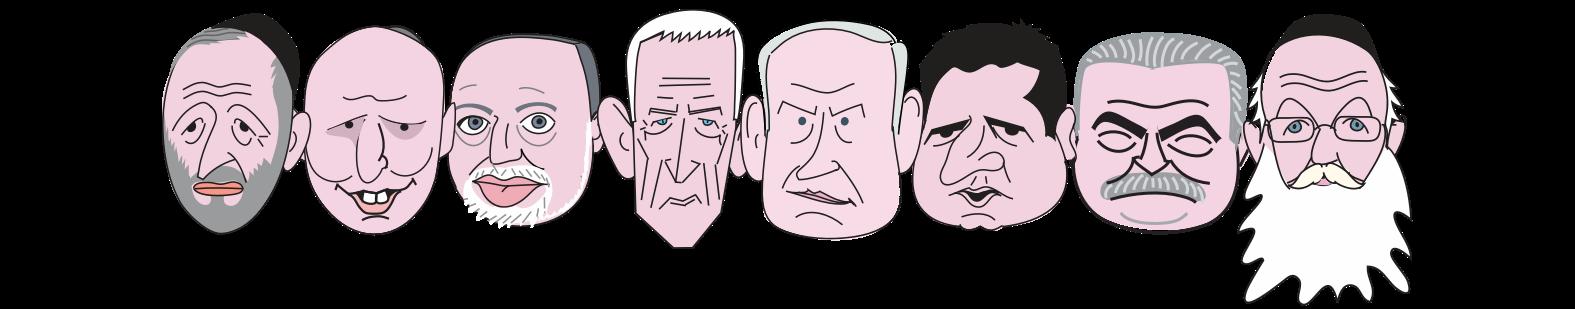 Haaretz - Israel News | Haaretz com